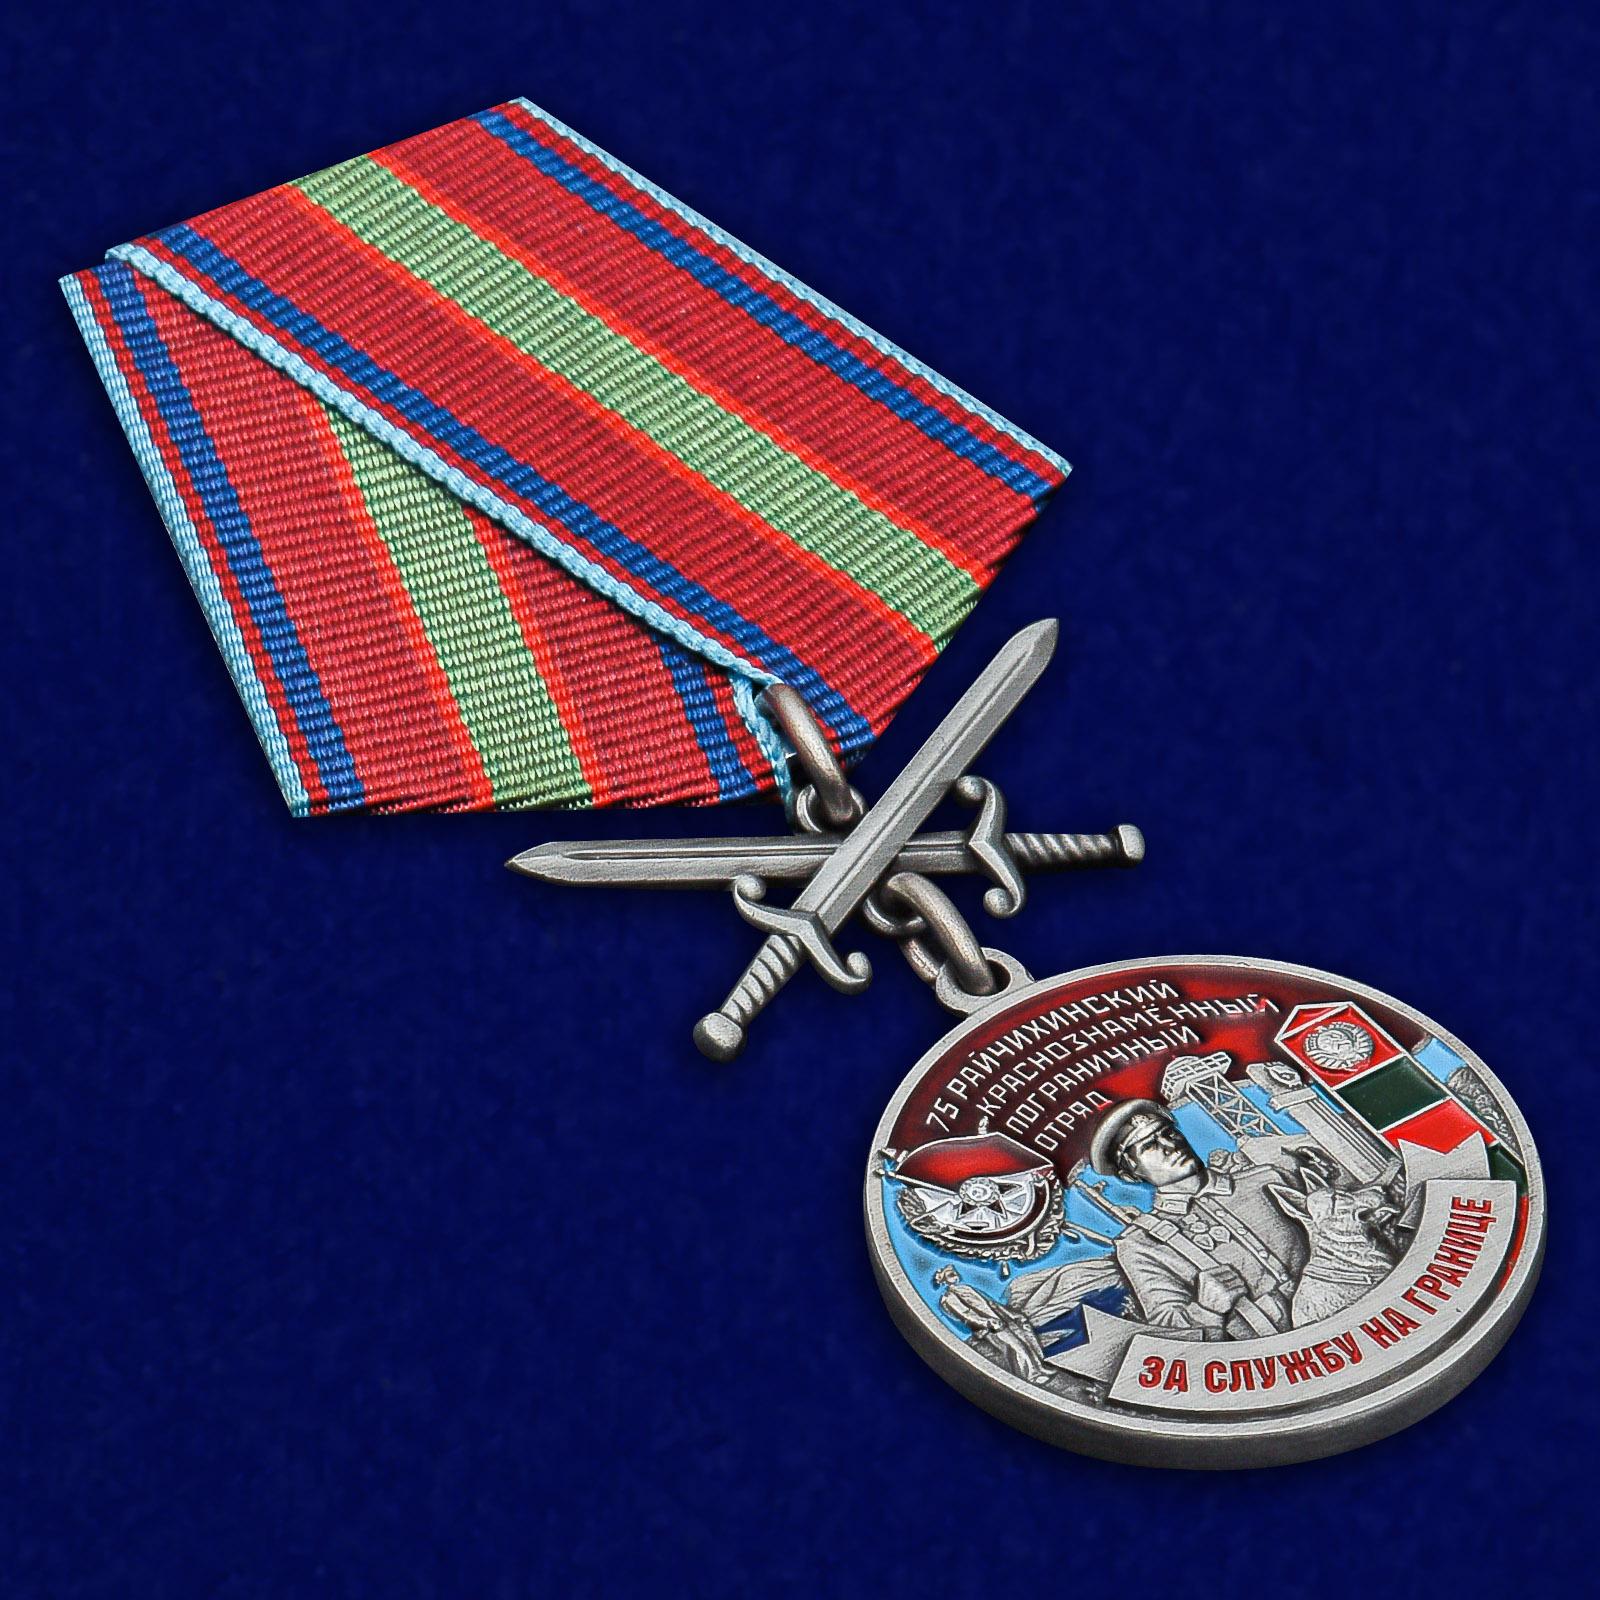 Памятная медаль За службу в Райчихинском пограничном отряде - общий вид